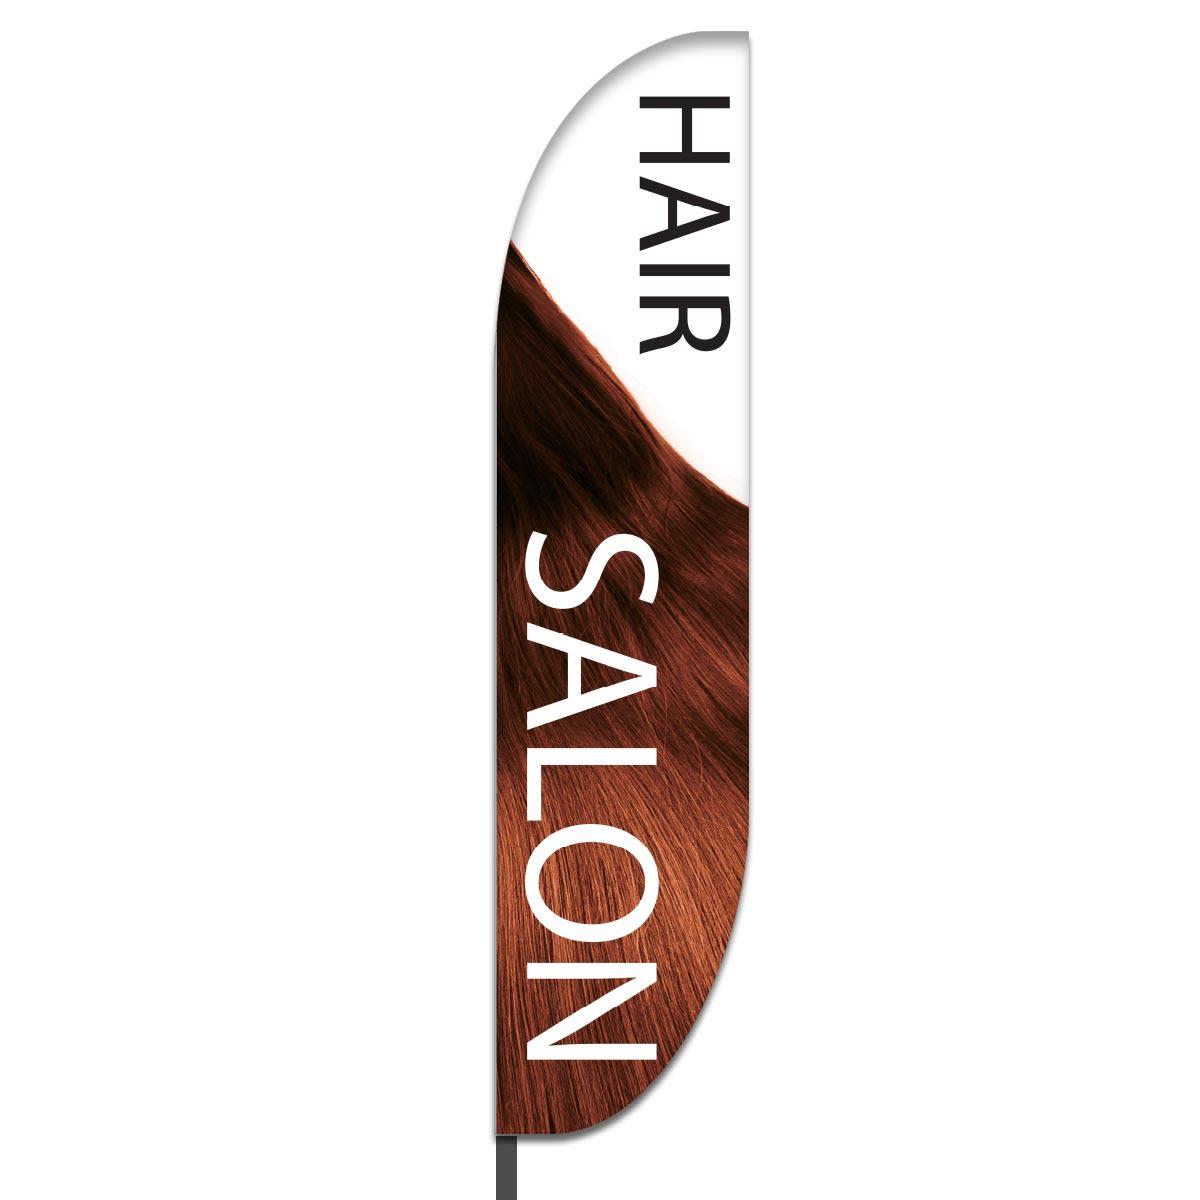 Hair Salon Feather Flag Design 04